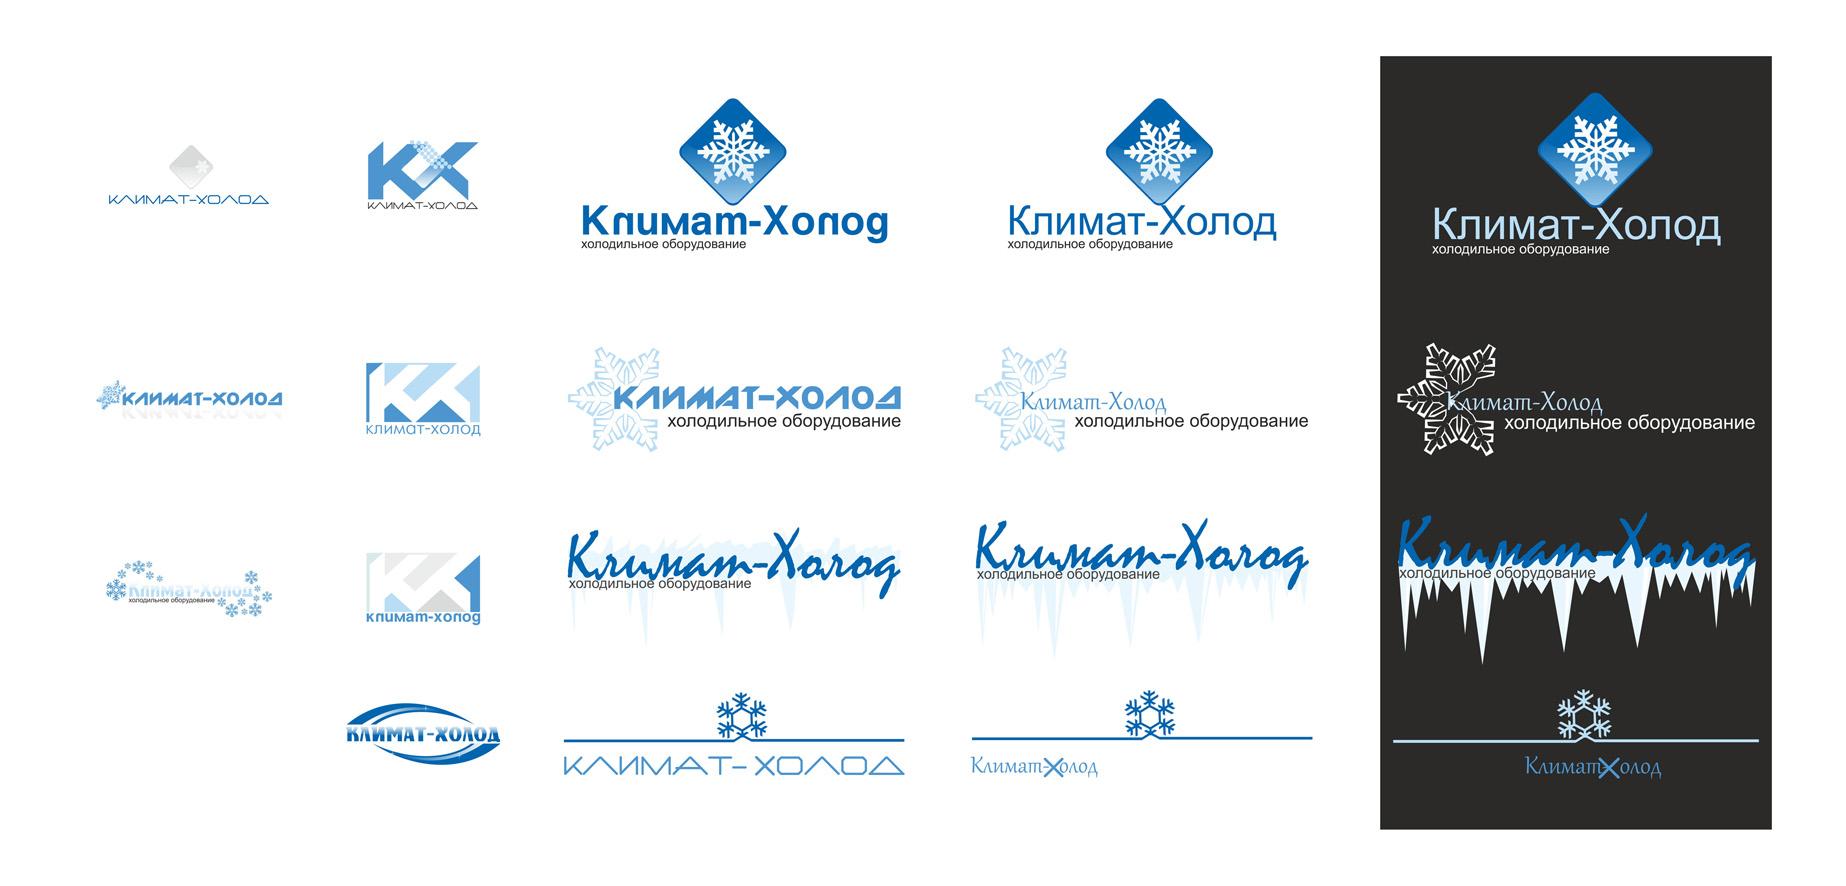 Варианты логотипов, бесплатные фото ...: pictures11.ru/varianty-logotipov.html